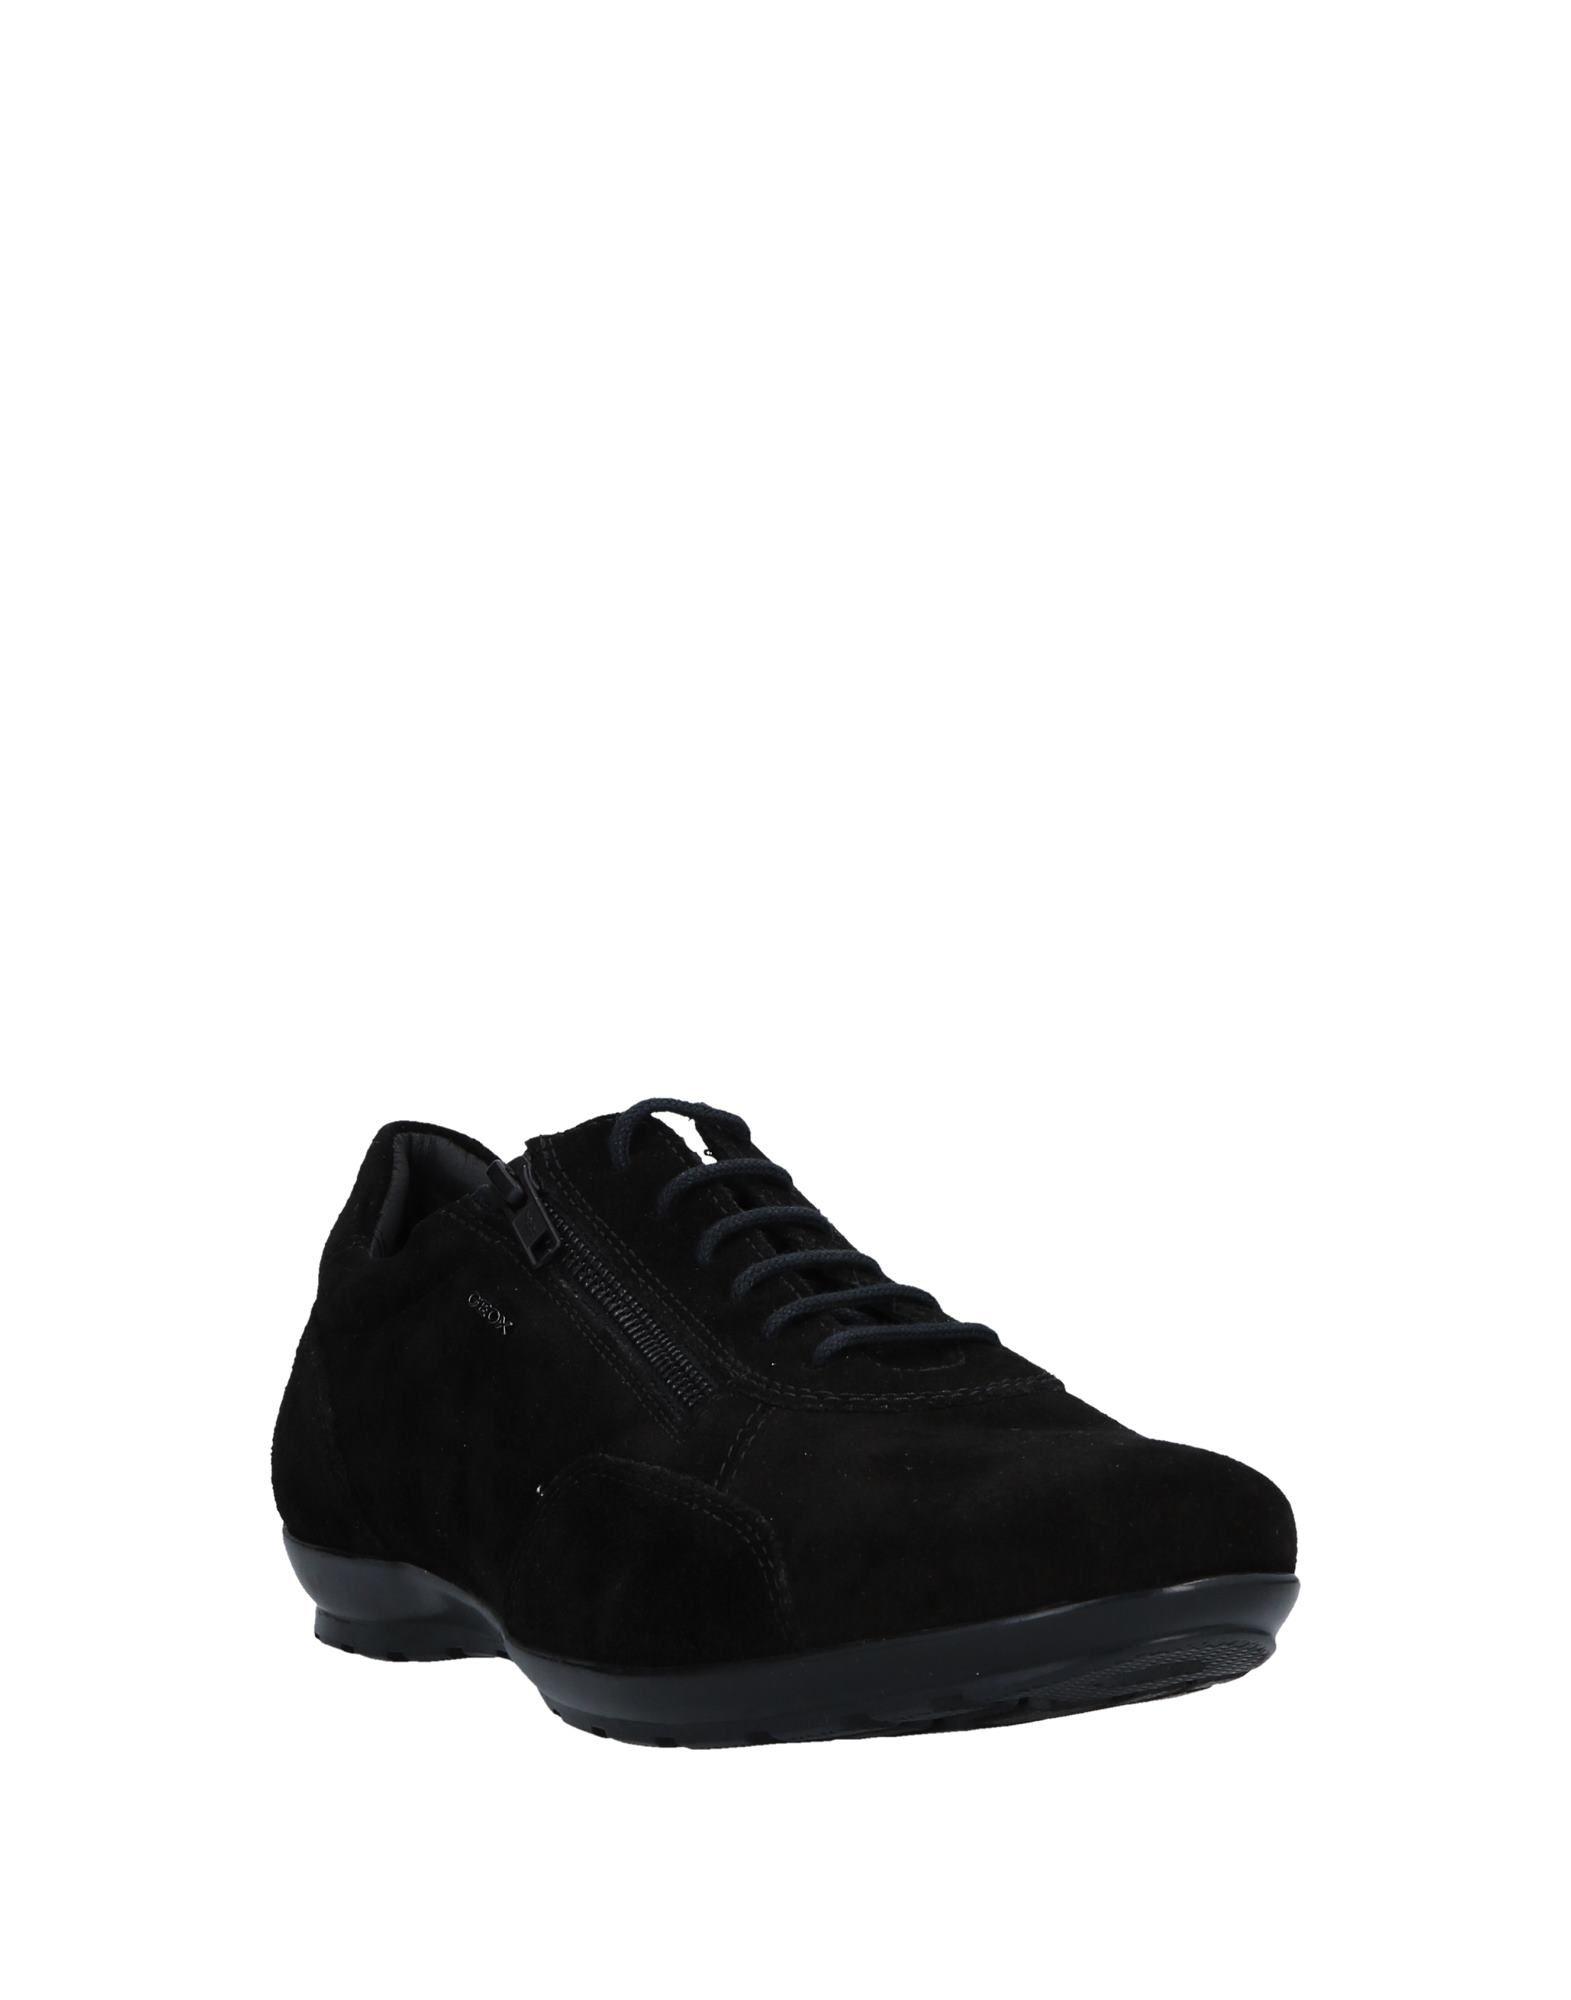 Geox Sneakers Herren  11539654SK Heiße Schuhe Schuhe Heiße 12e7b9